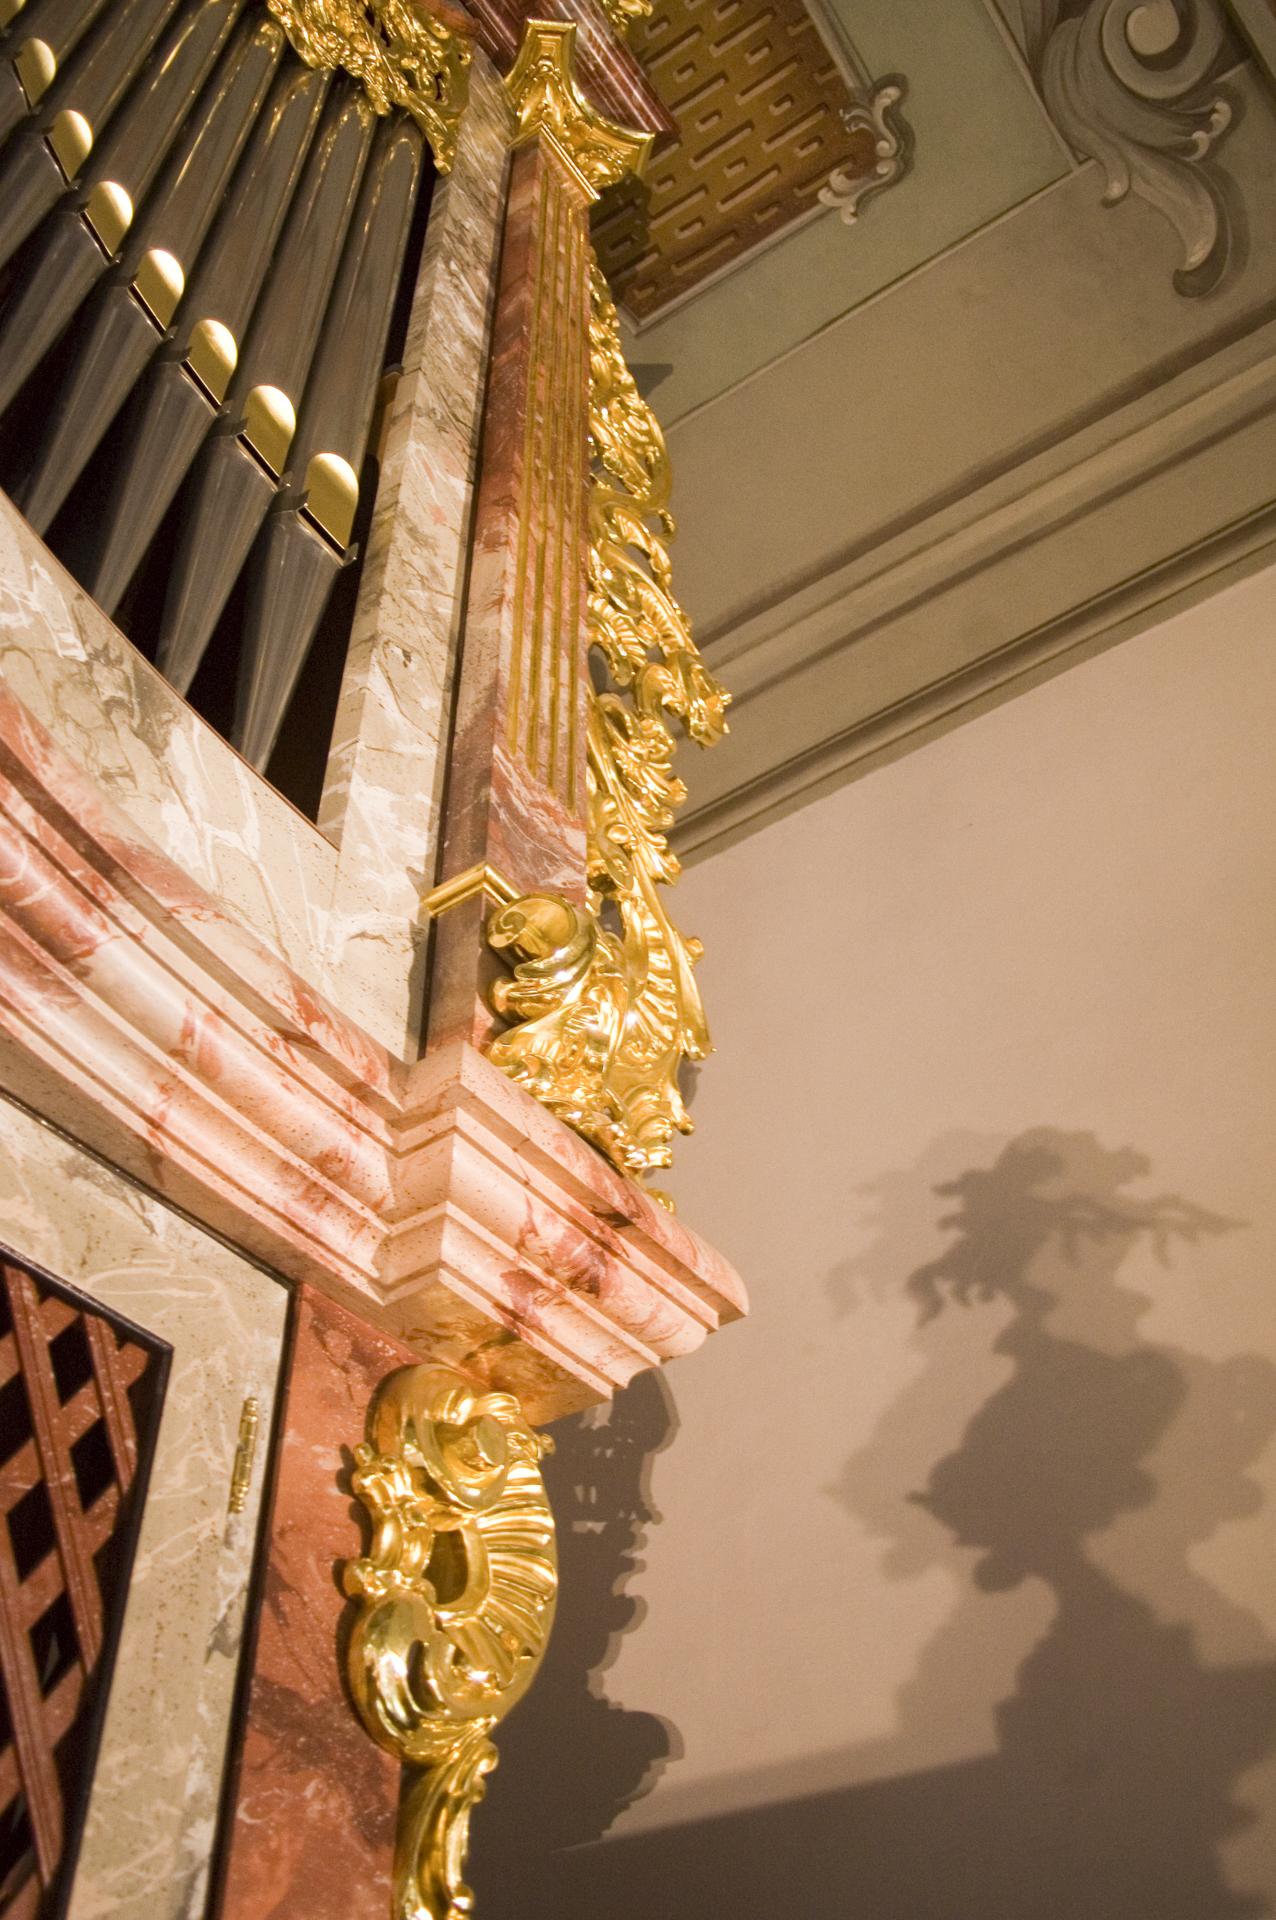 tischlerei-decker-Orgel-Hopfgarten-Detail